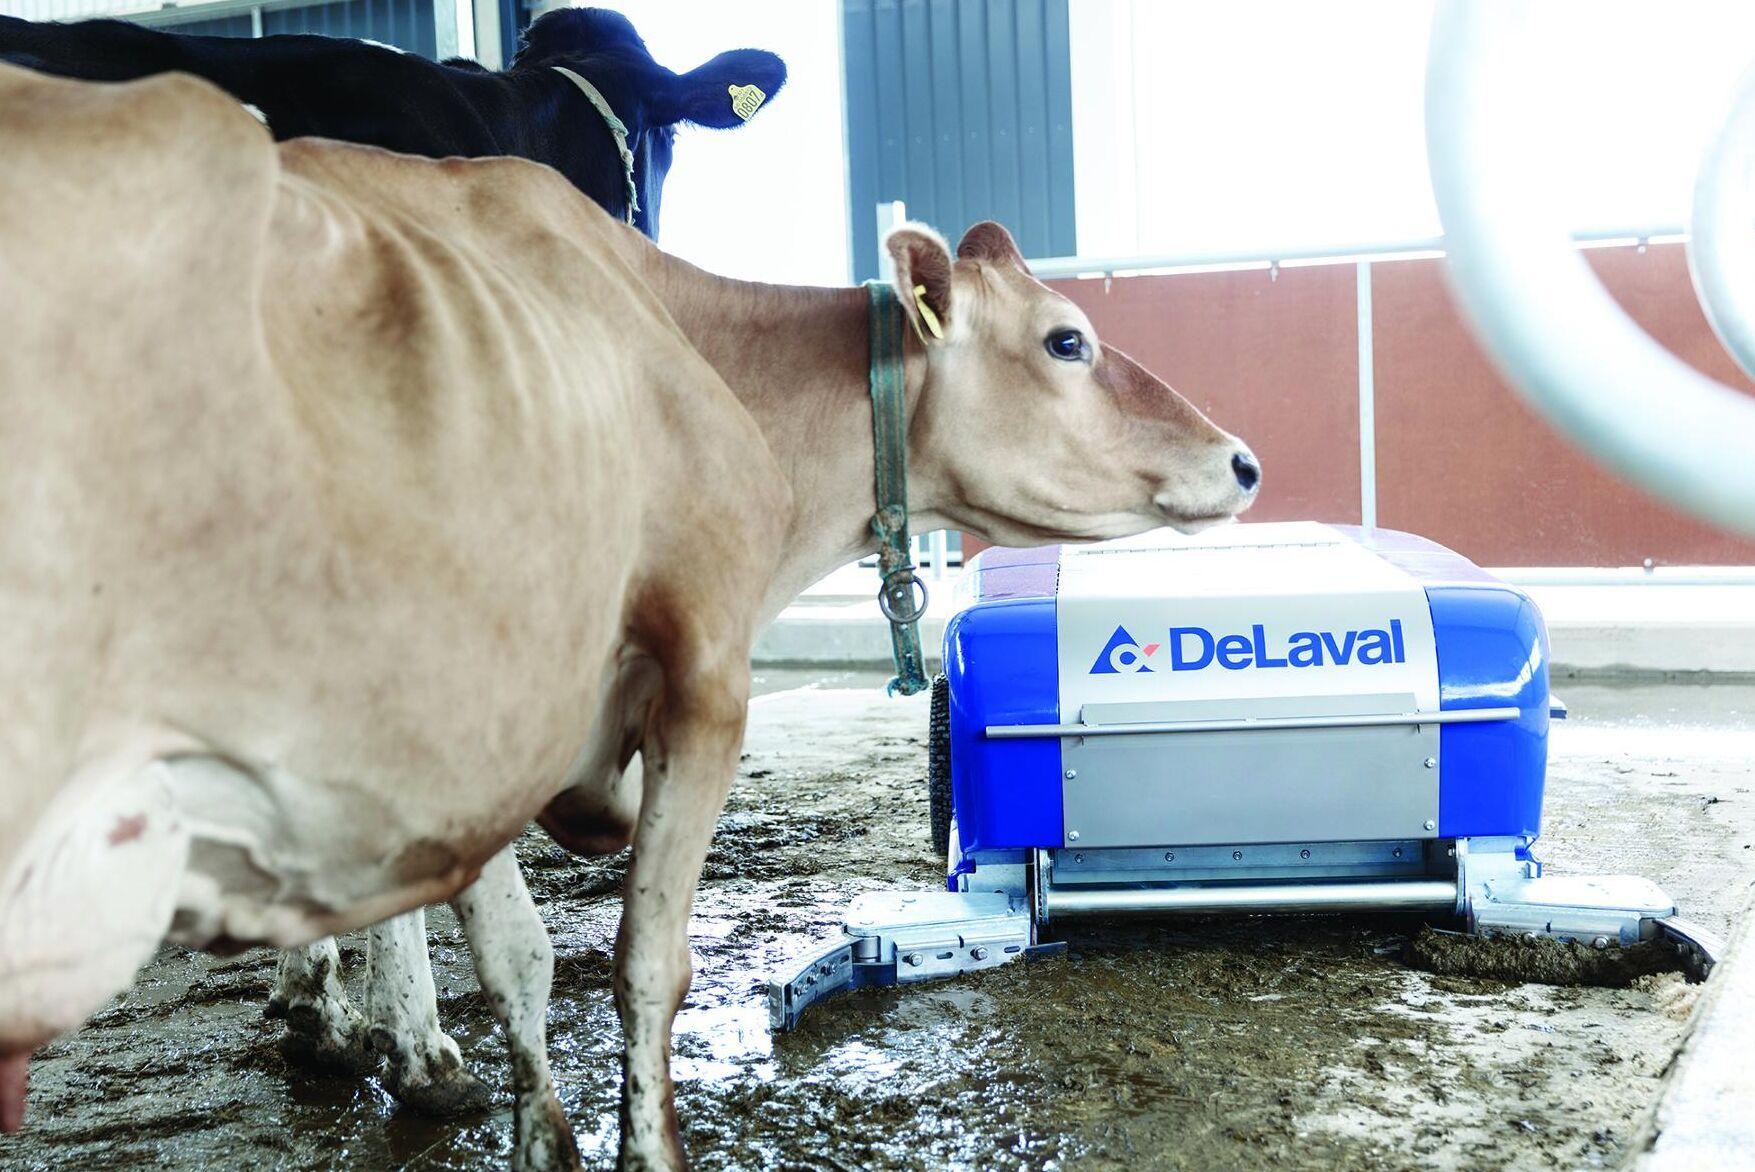 Roboten hjälper till att öka både kokomforten och klövhälsan, enligt De Laval.